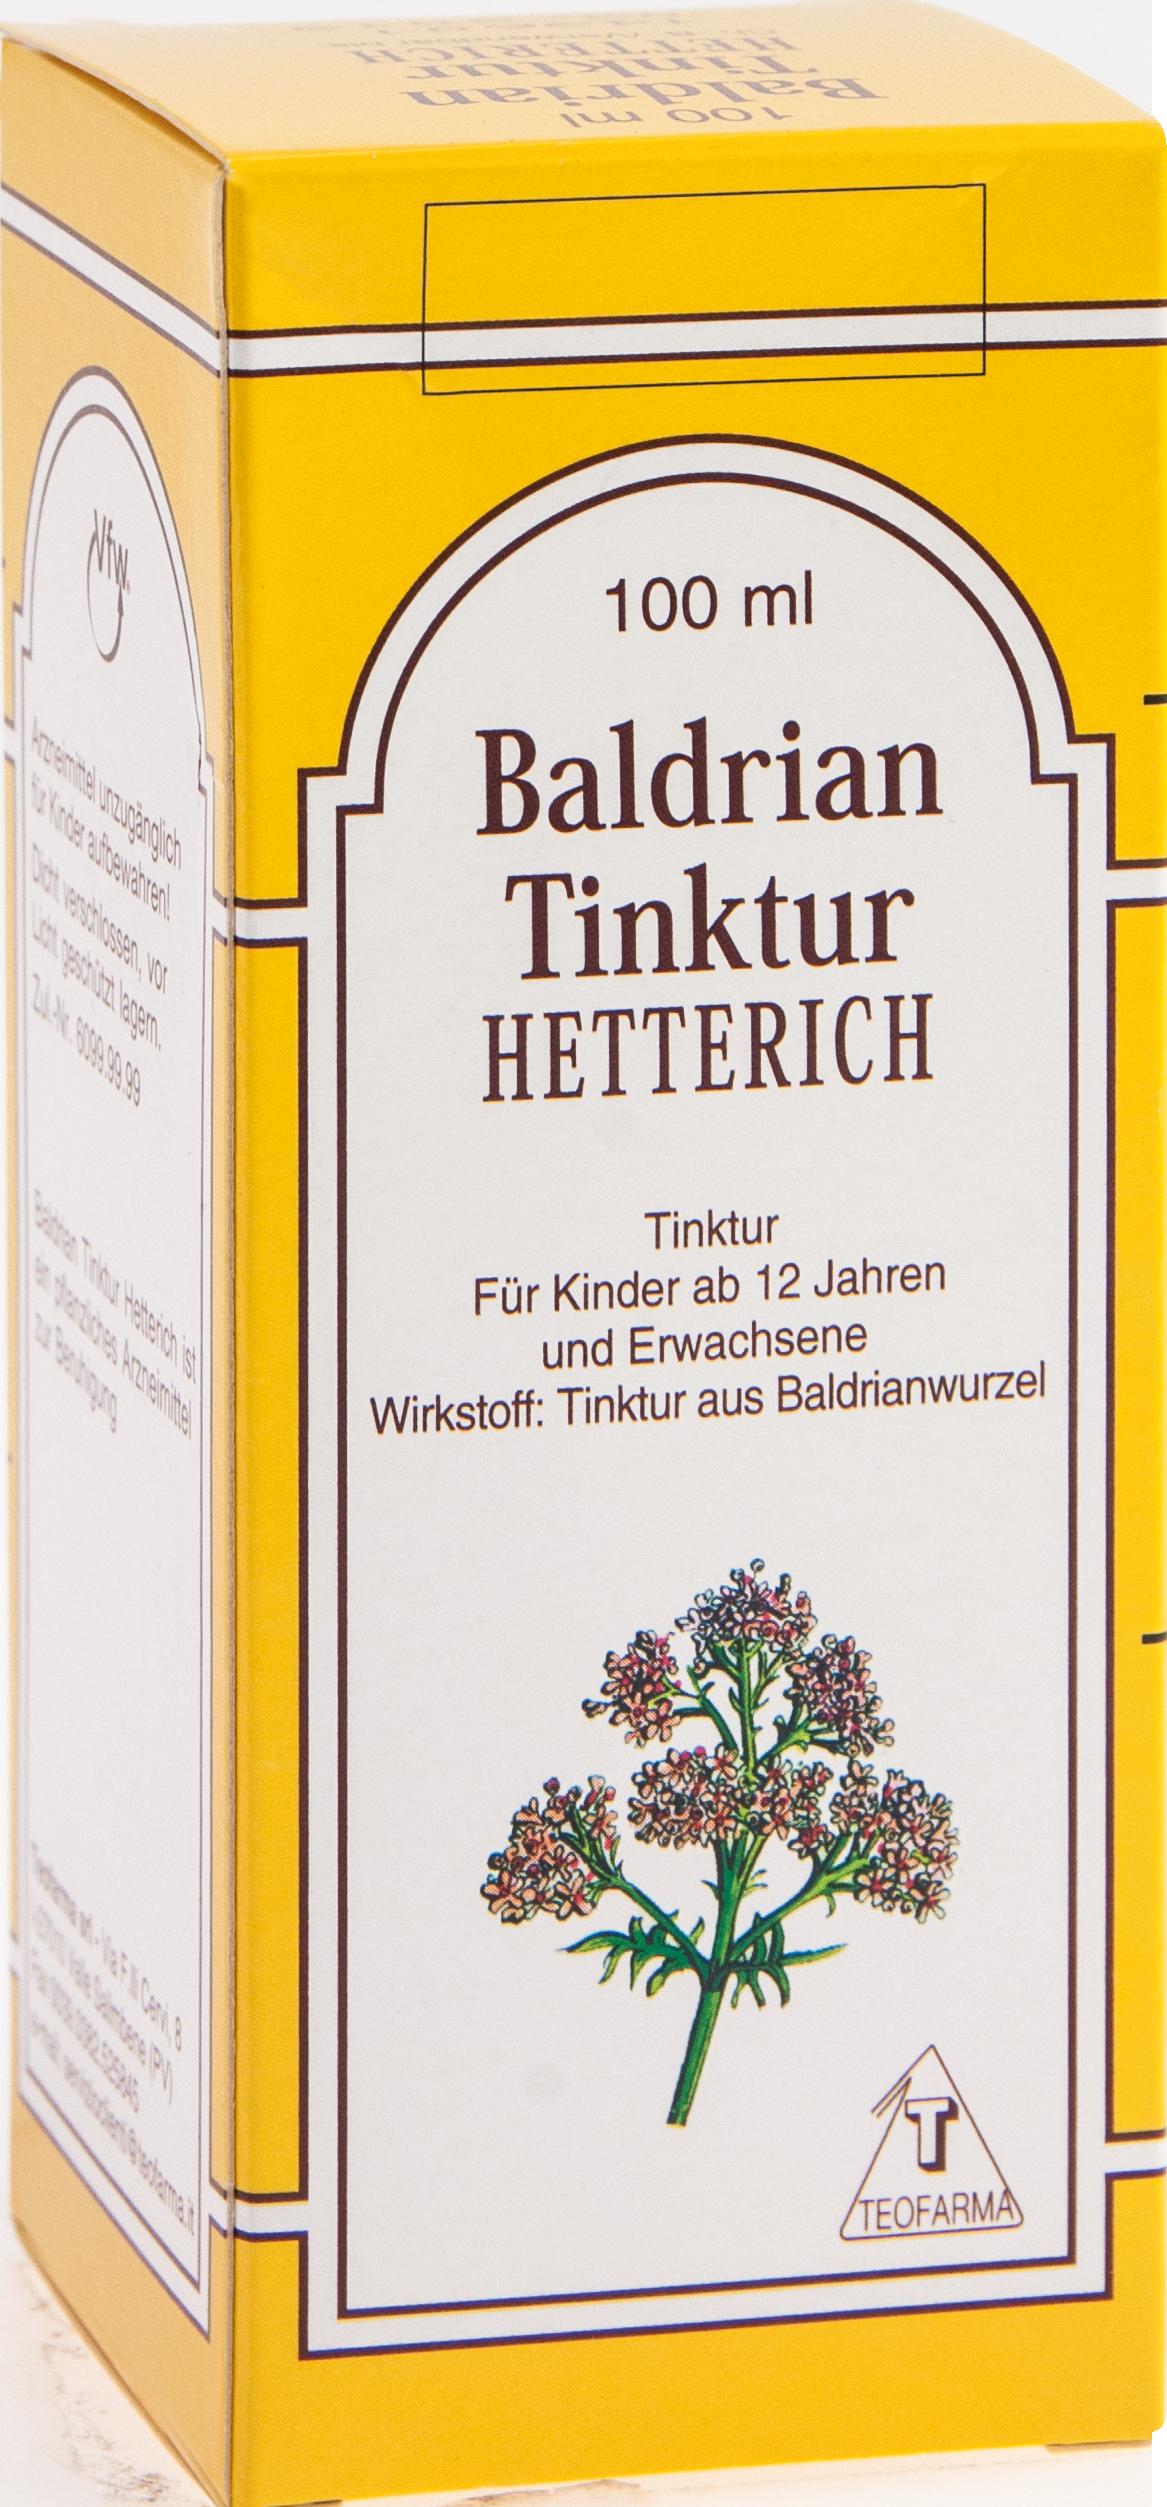 BALDRIANTINKTUR HETTERICH